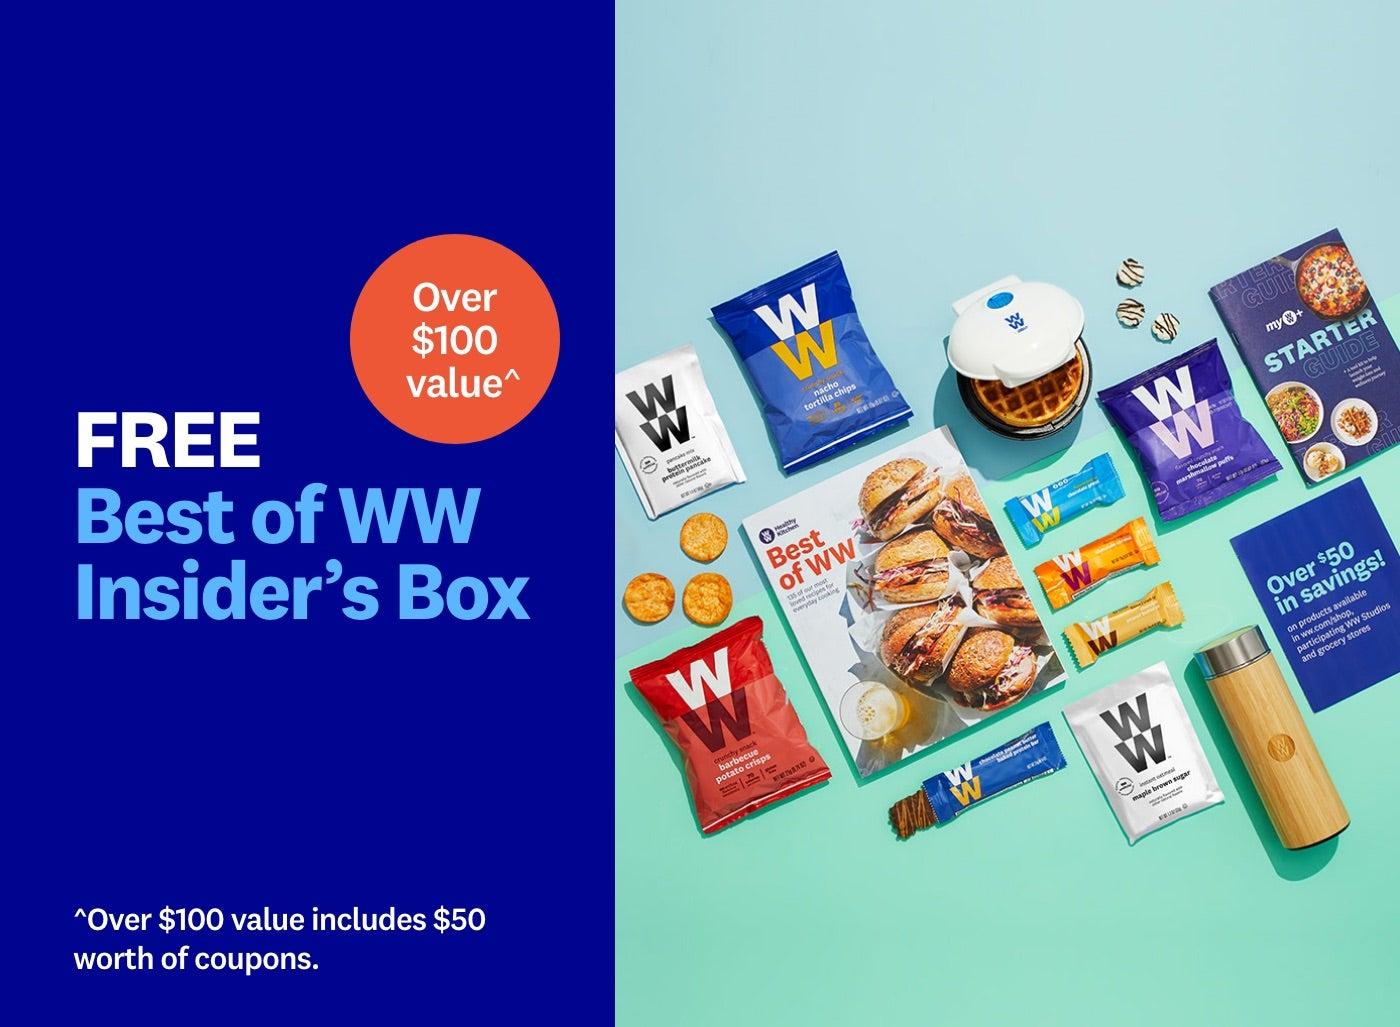 Best of WW Insider's Box